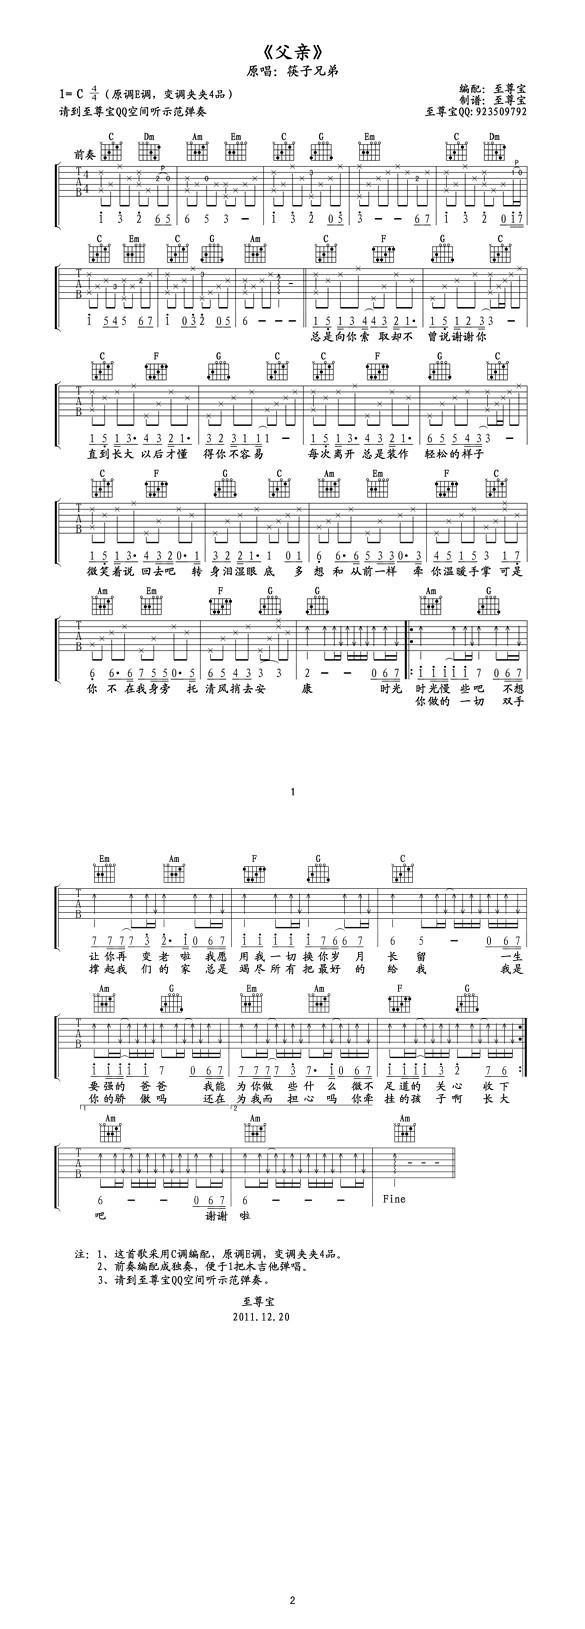 跪求筷子兄弟的父亲吉他谱原版.五线谱或六线谱.图片